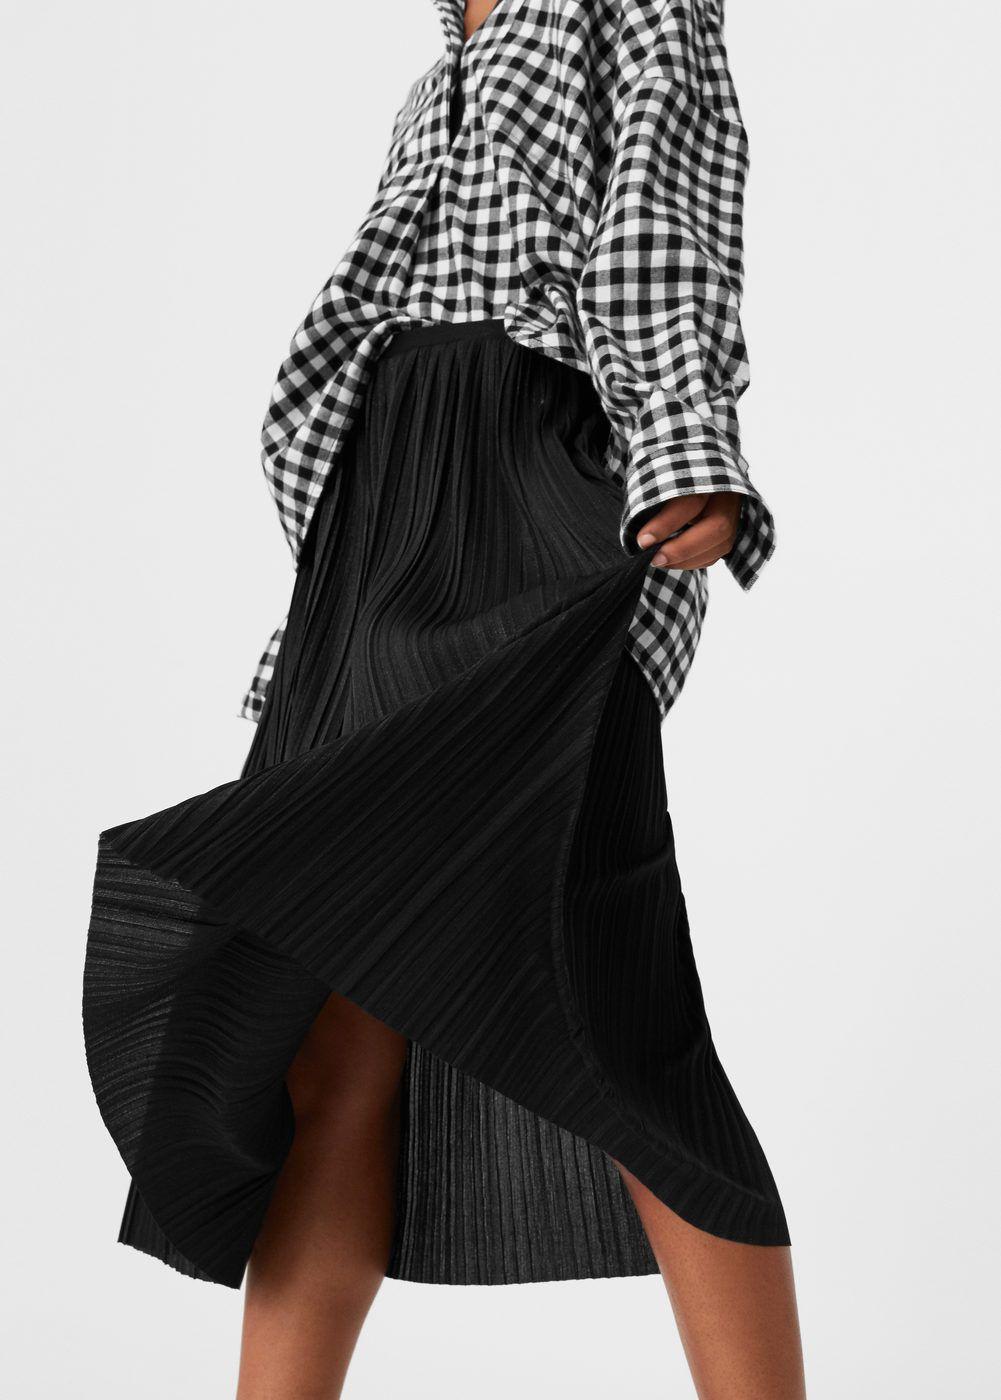 Falda midi plisada - Mujer  7db613c45f73